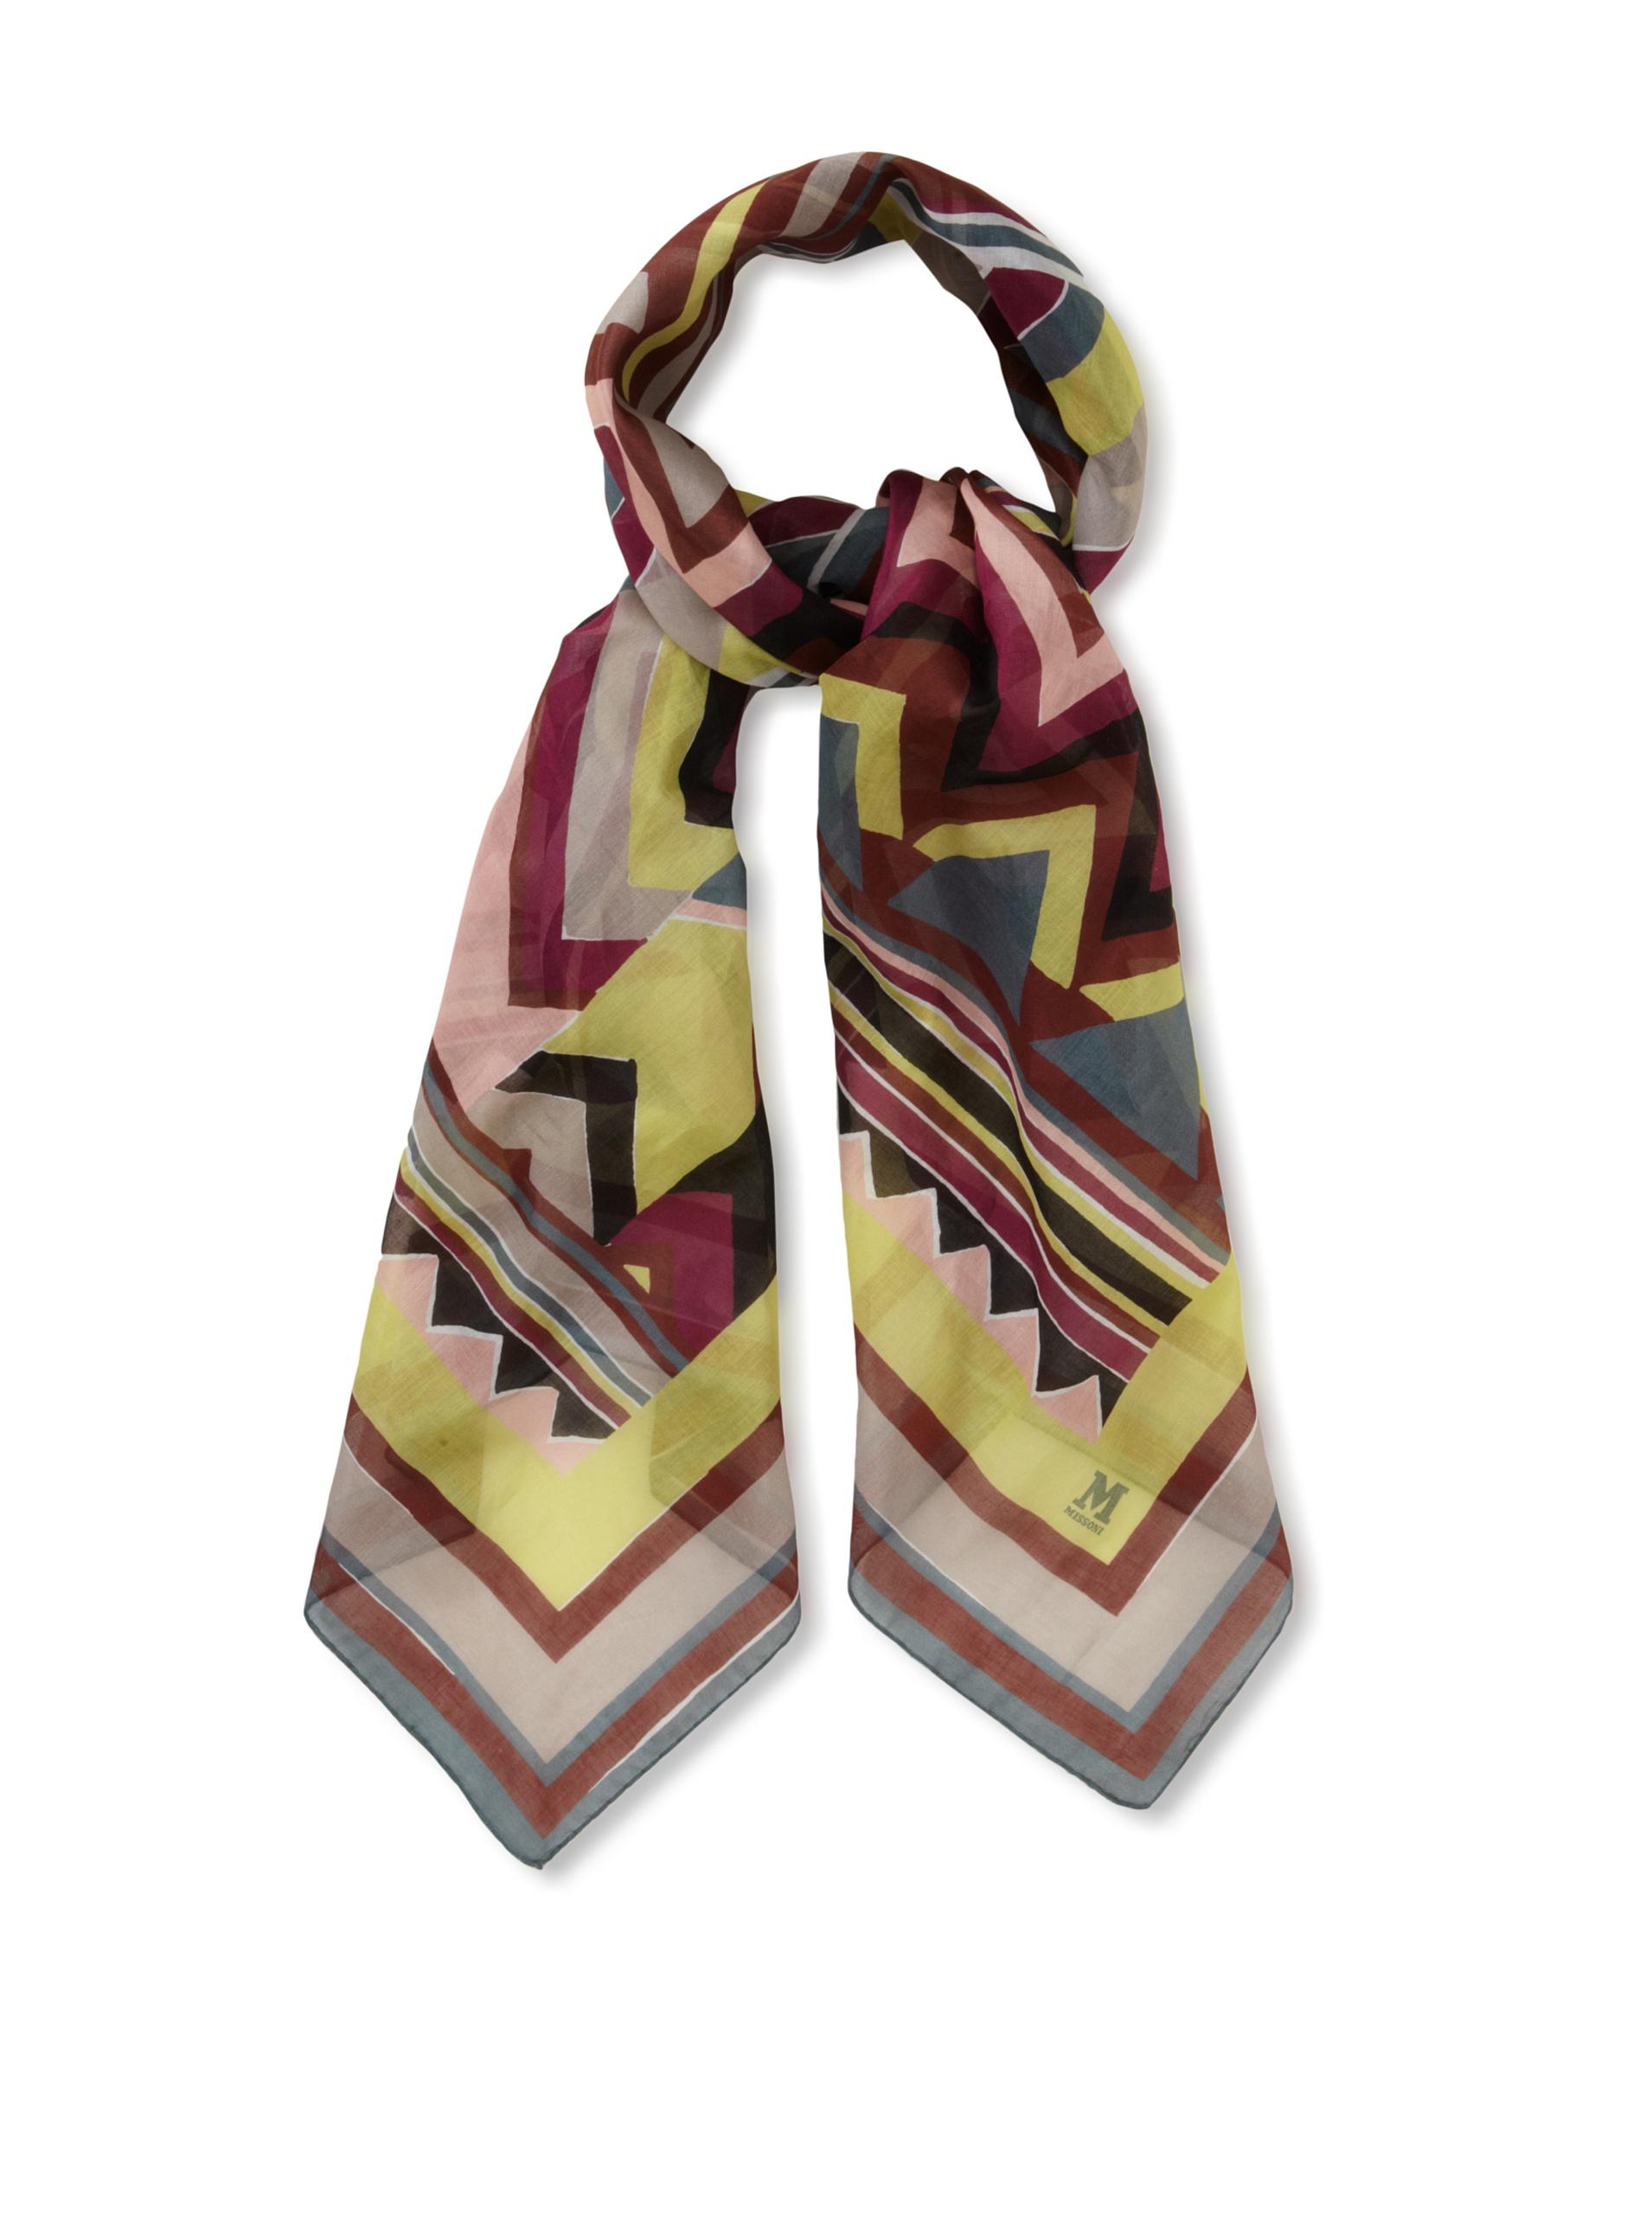 M Missoni Women's Zig-Zag Cotton Scarf, Multicolored, One Size